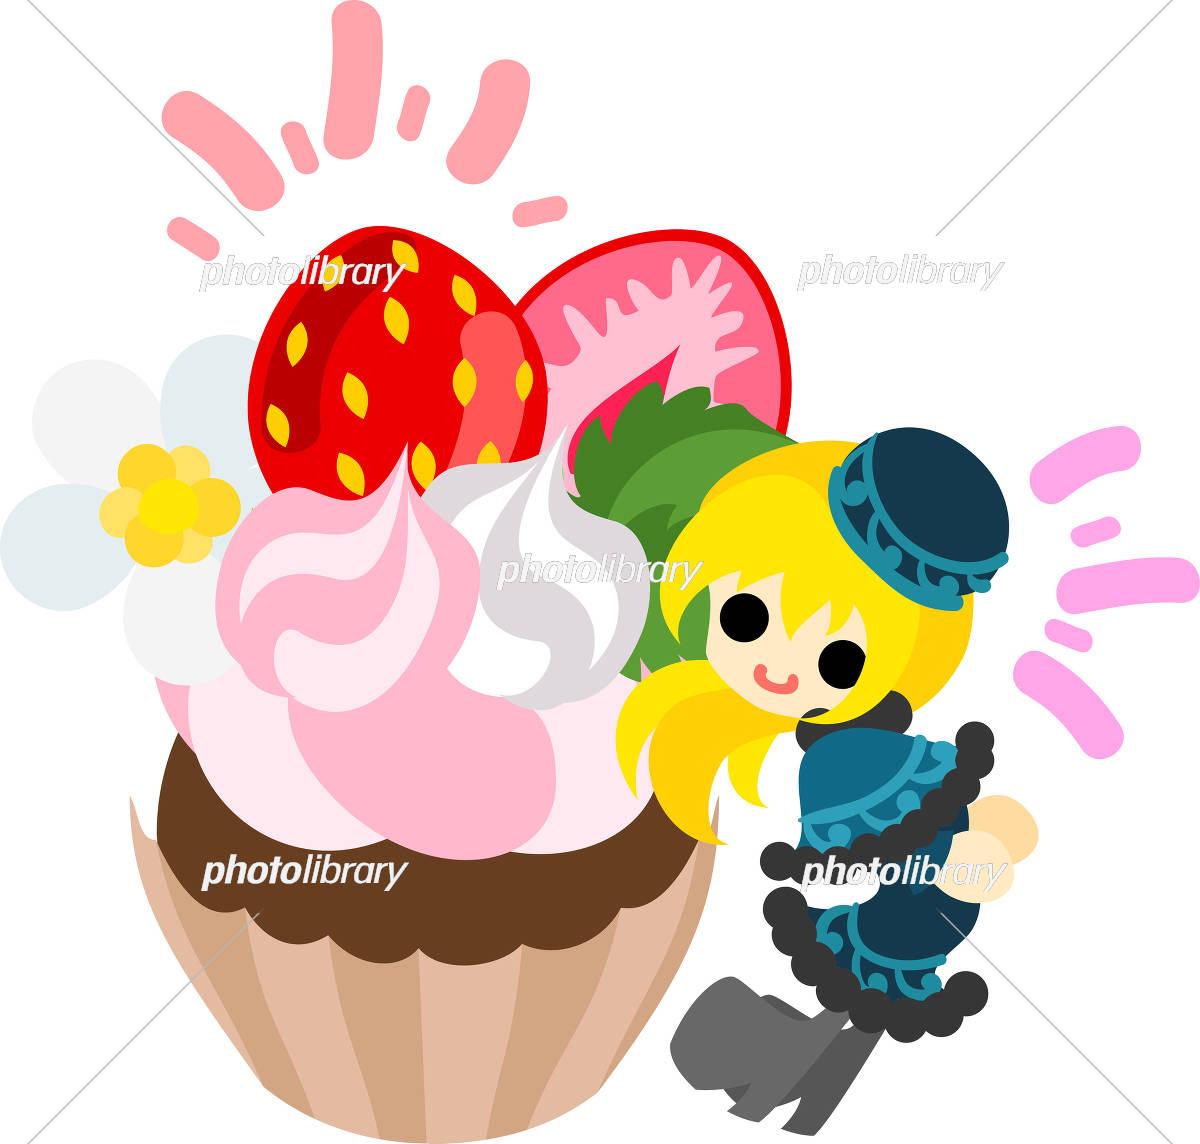 巨大な苺のカップケーキと笑顔の少女 イラスト素材 [ 5136215